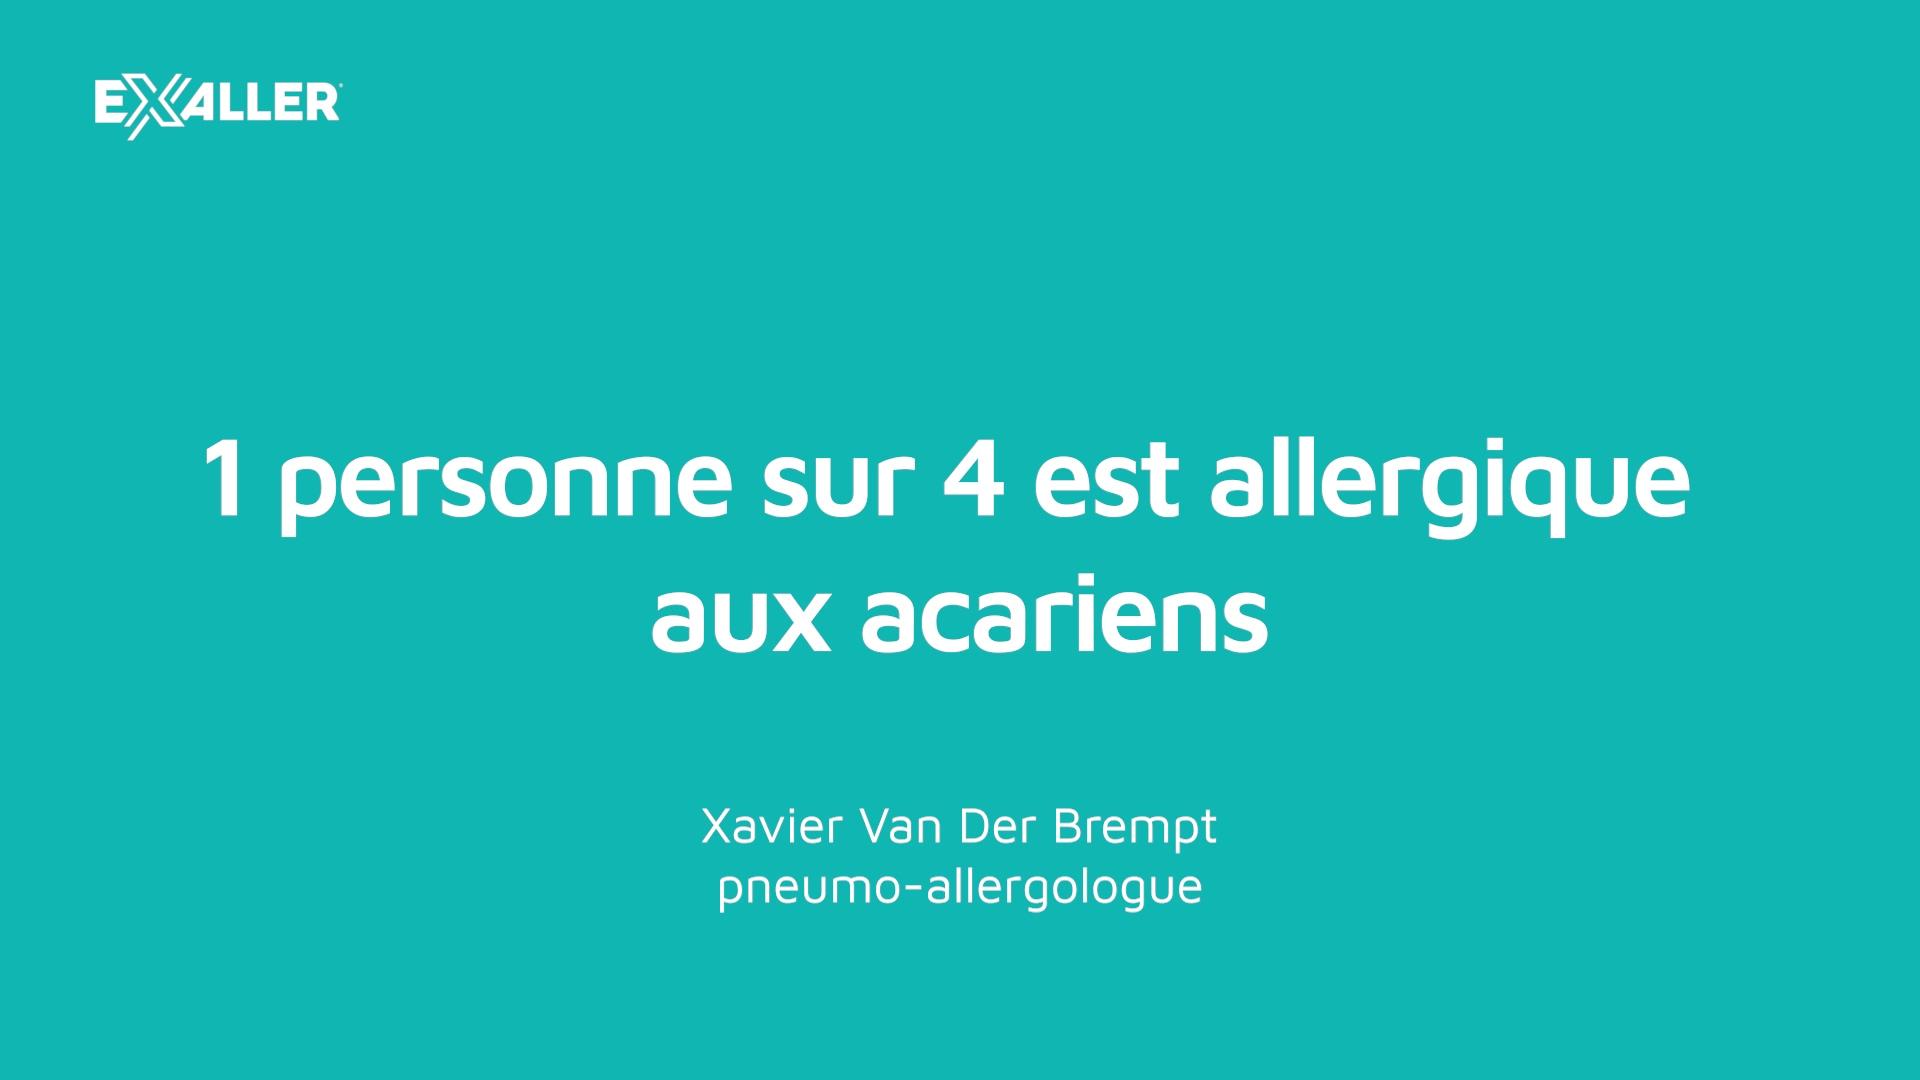 X5 1 personne sur 4 est allergique aux acariens